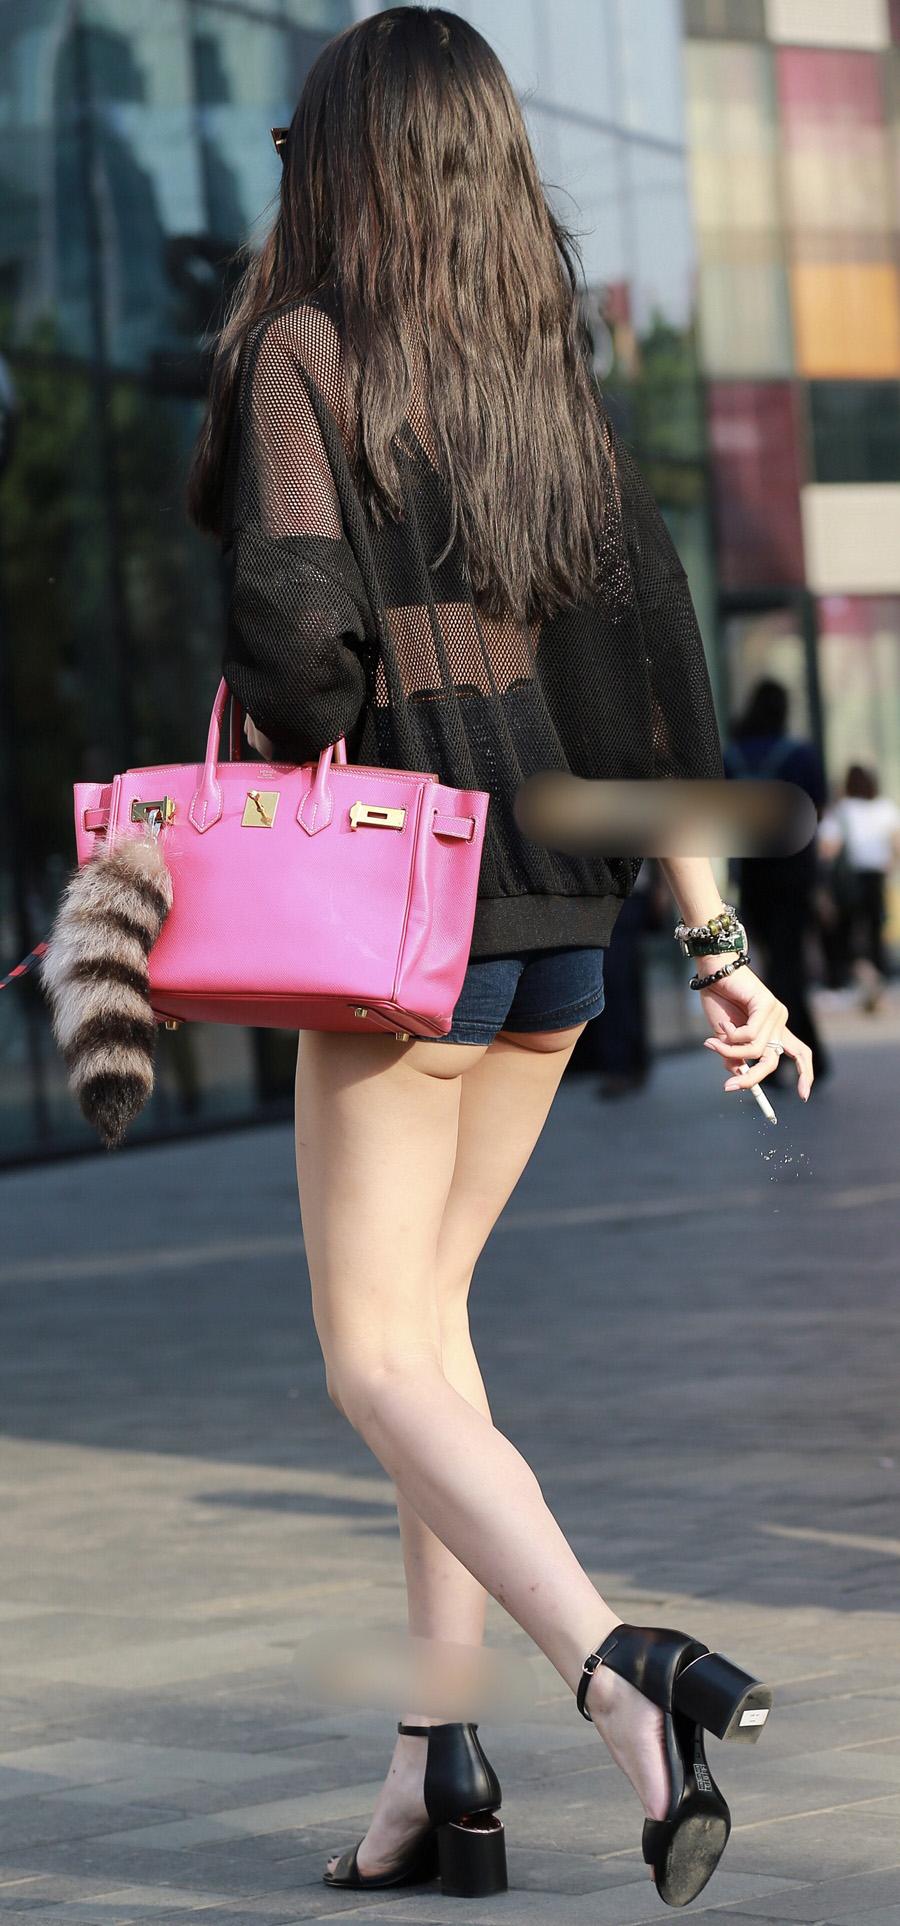 【ハミ尻エロ画像】真冬でもどこかには居る街角ホットパンツのハミ尻姿(;^ω^)